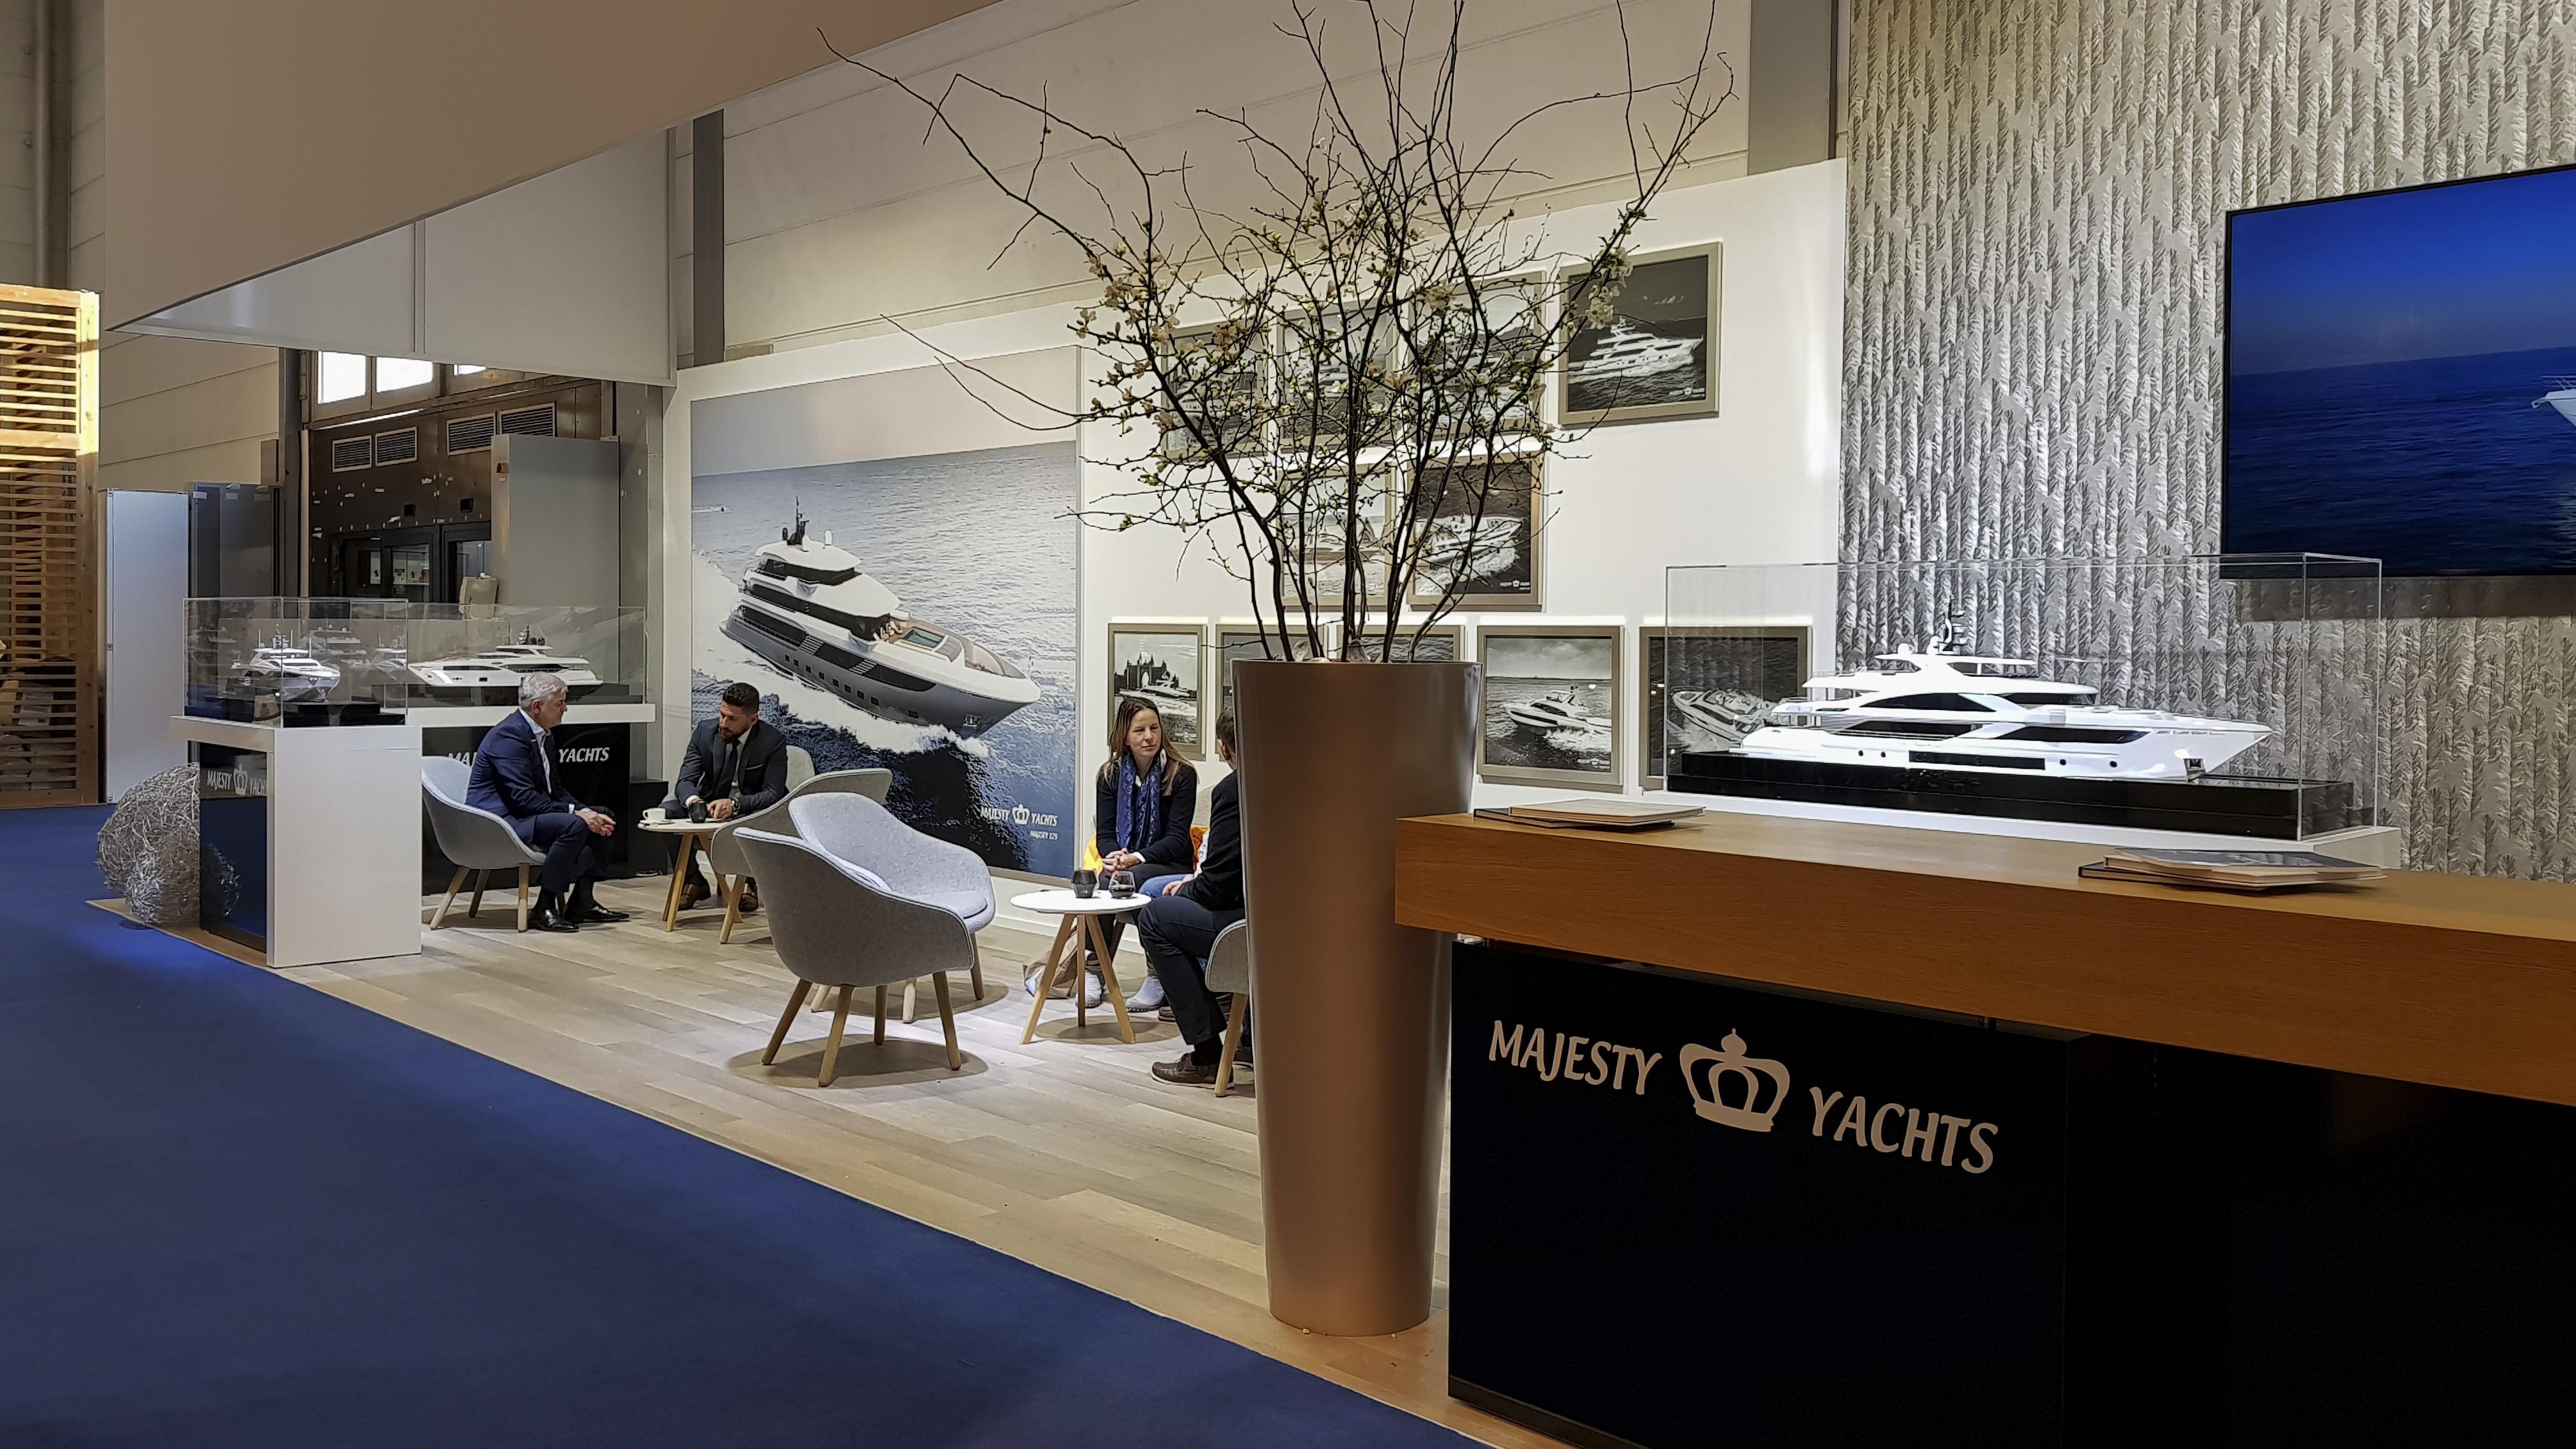 Gulf Craft at Dusseldorf Boat Show 2019 (4)